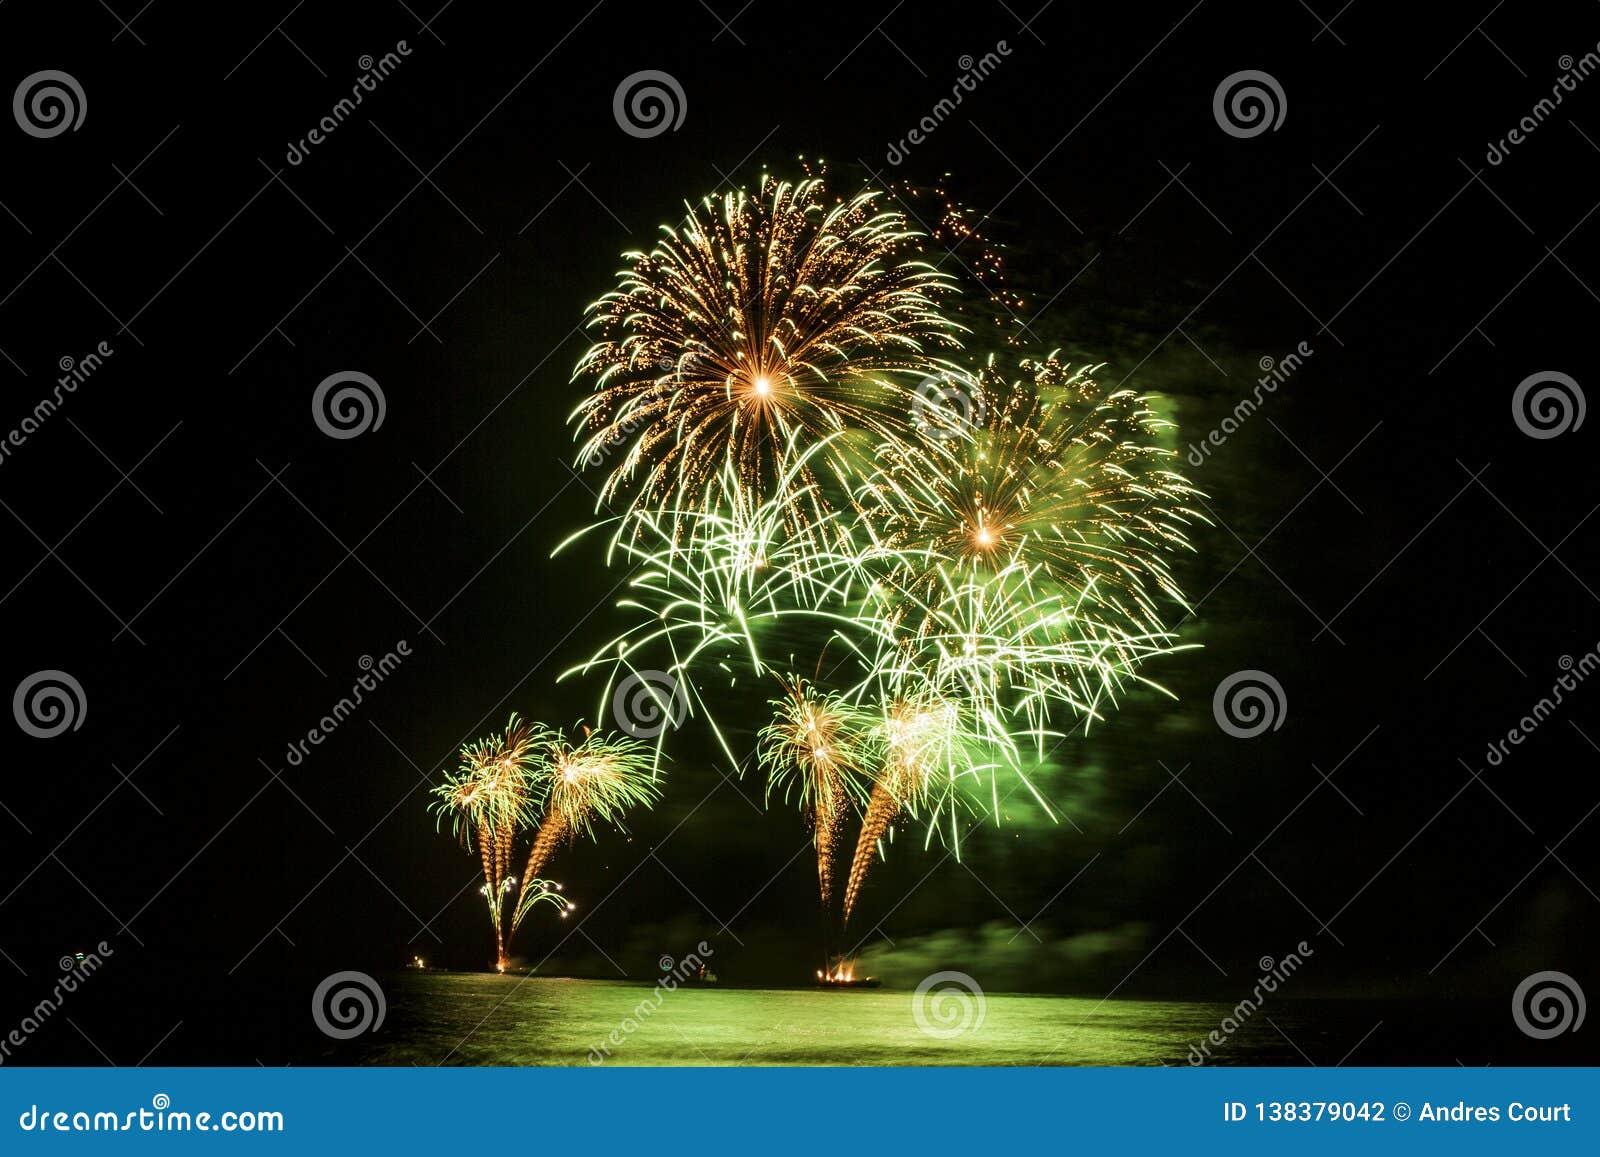 Feuerwerksshow des neuen Jahres